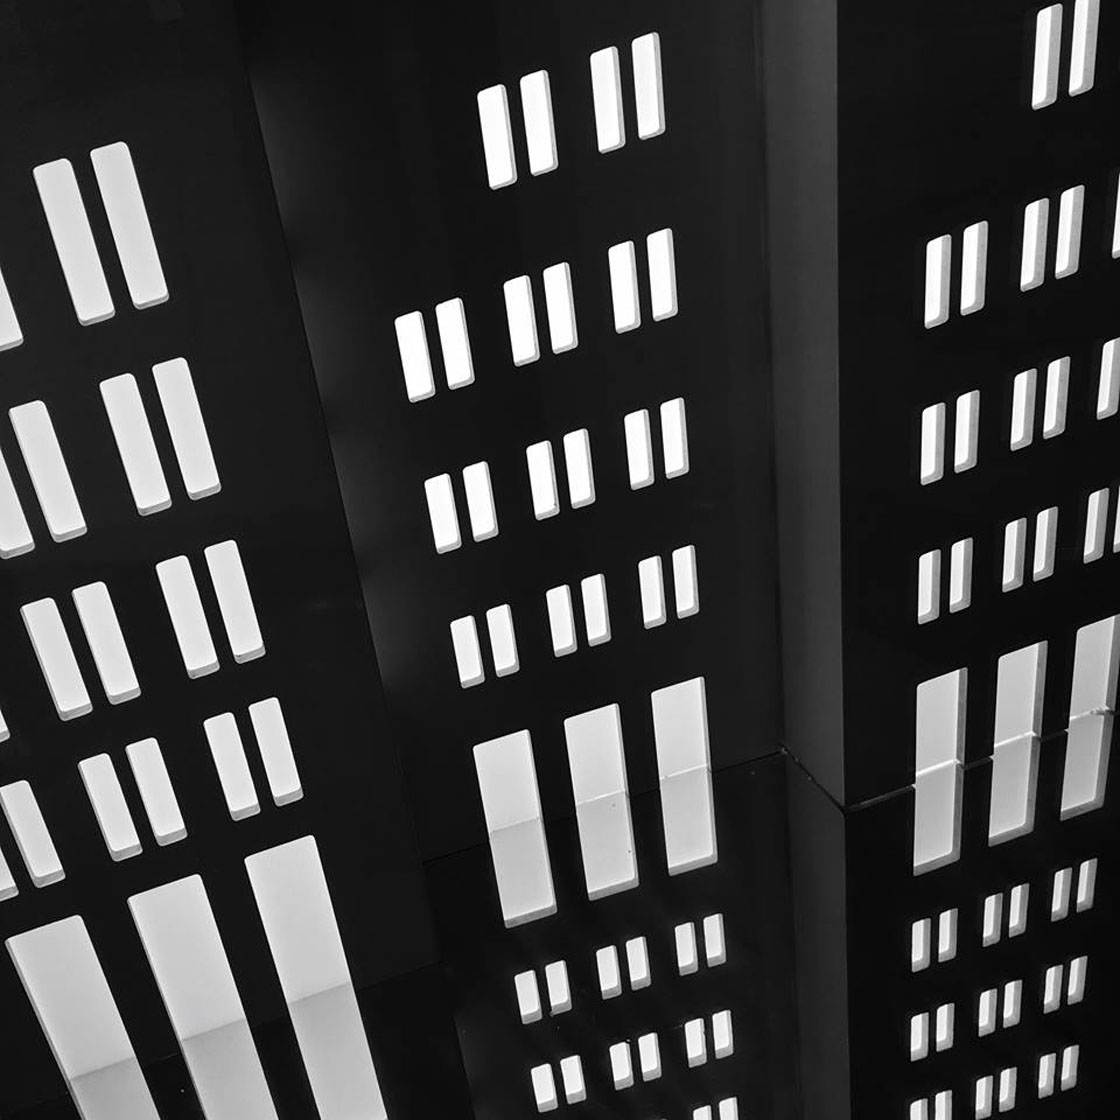 Abstract iPhone Photos 14 no script